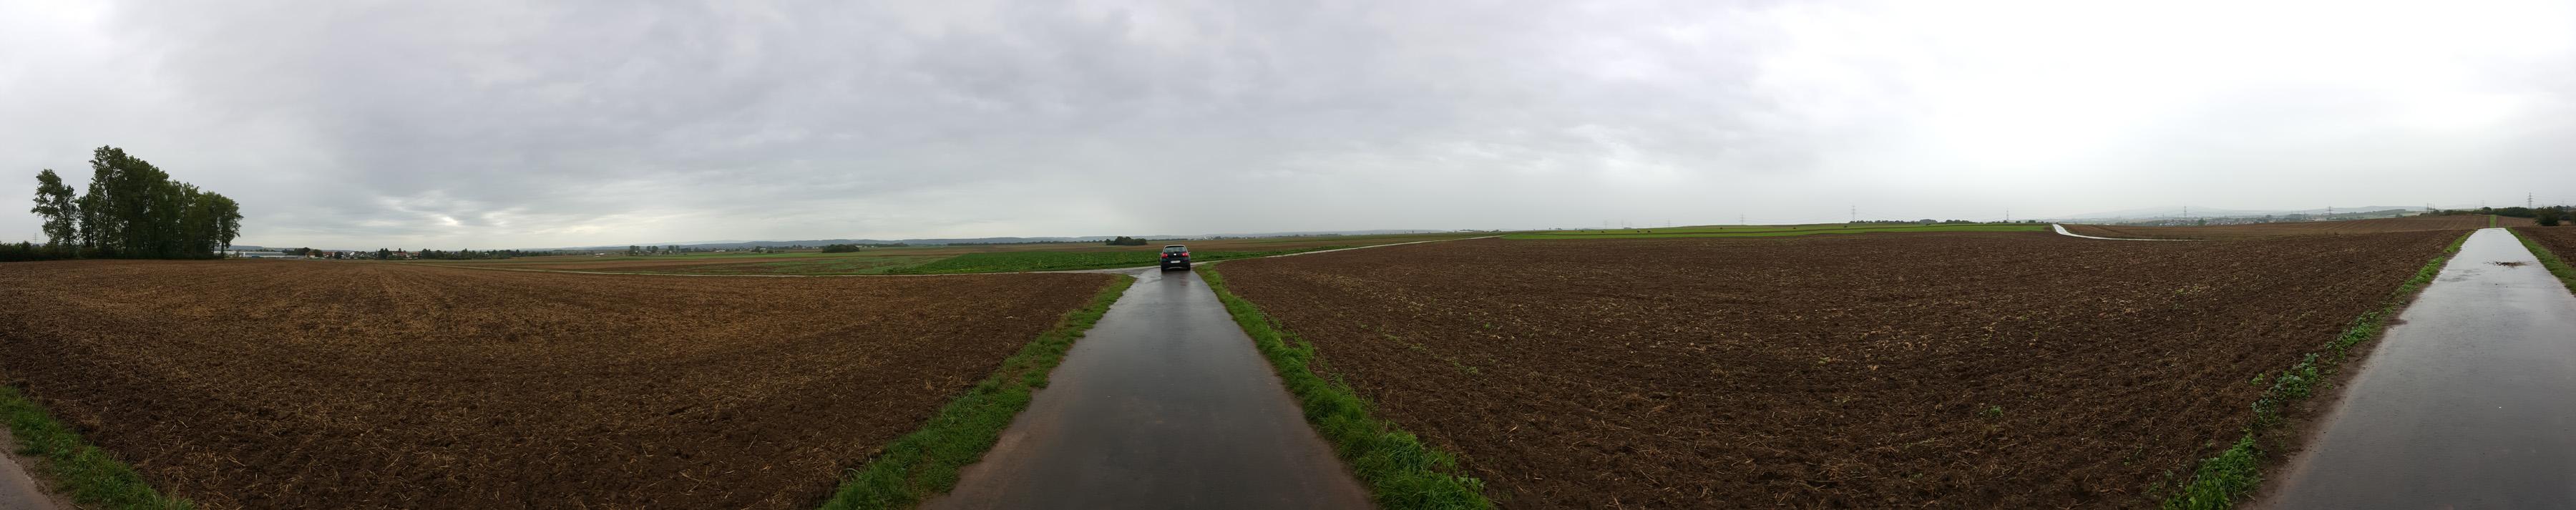 Das für den Bodenkontakt in Frage kommende Gebiet. Leider mit leeren Feldern und wenig Bäumen, also nichts, wo man Tornadospuren entdecken könnte.